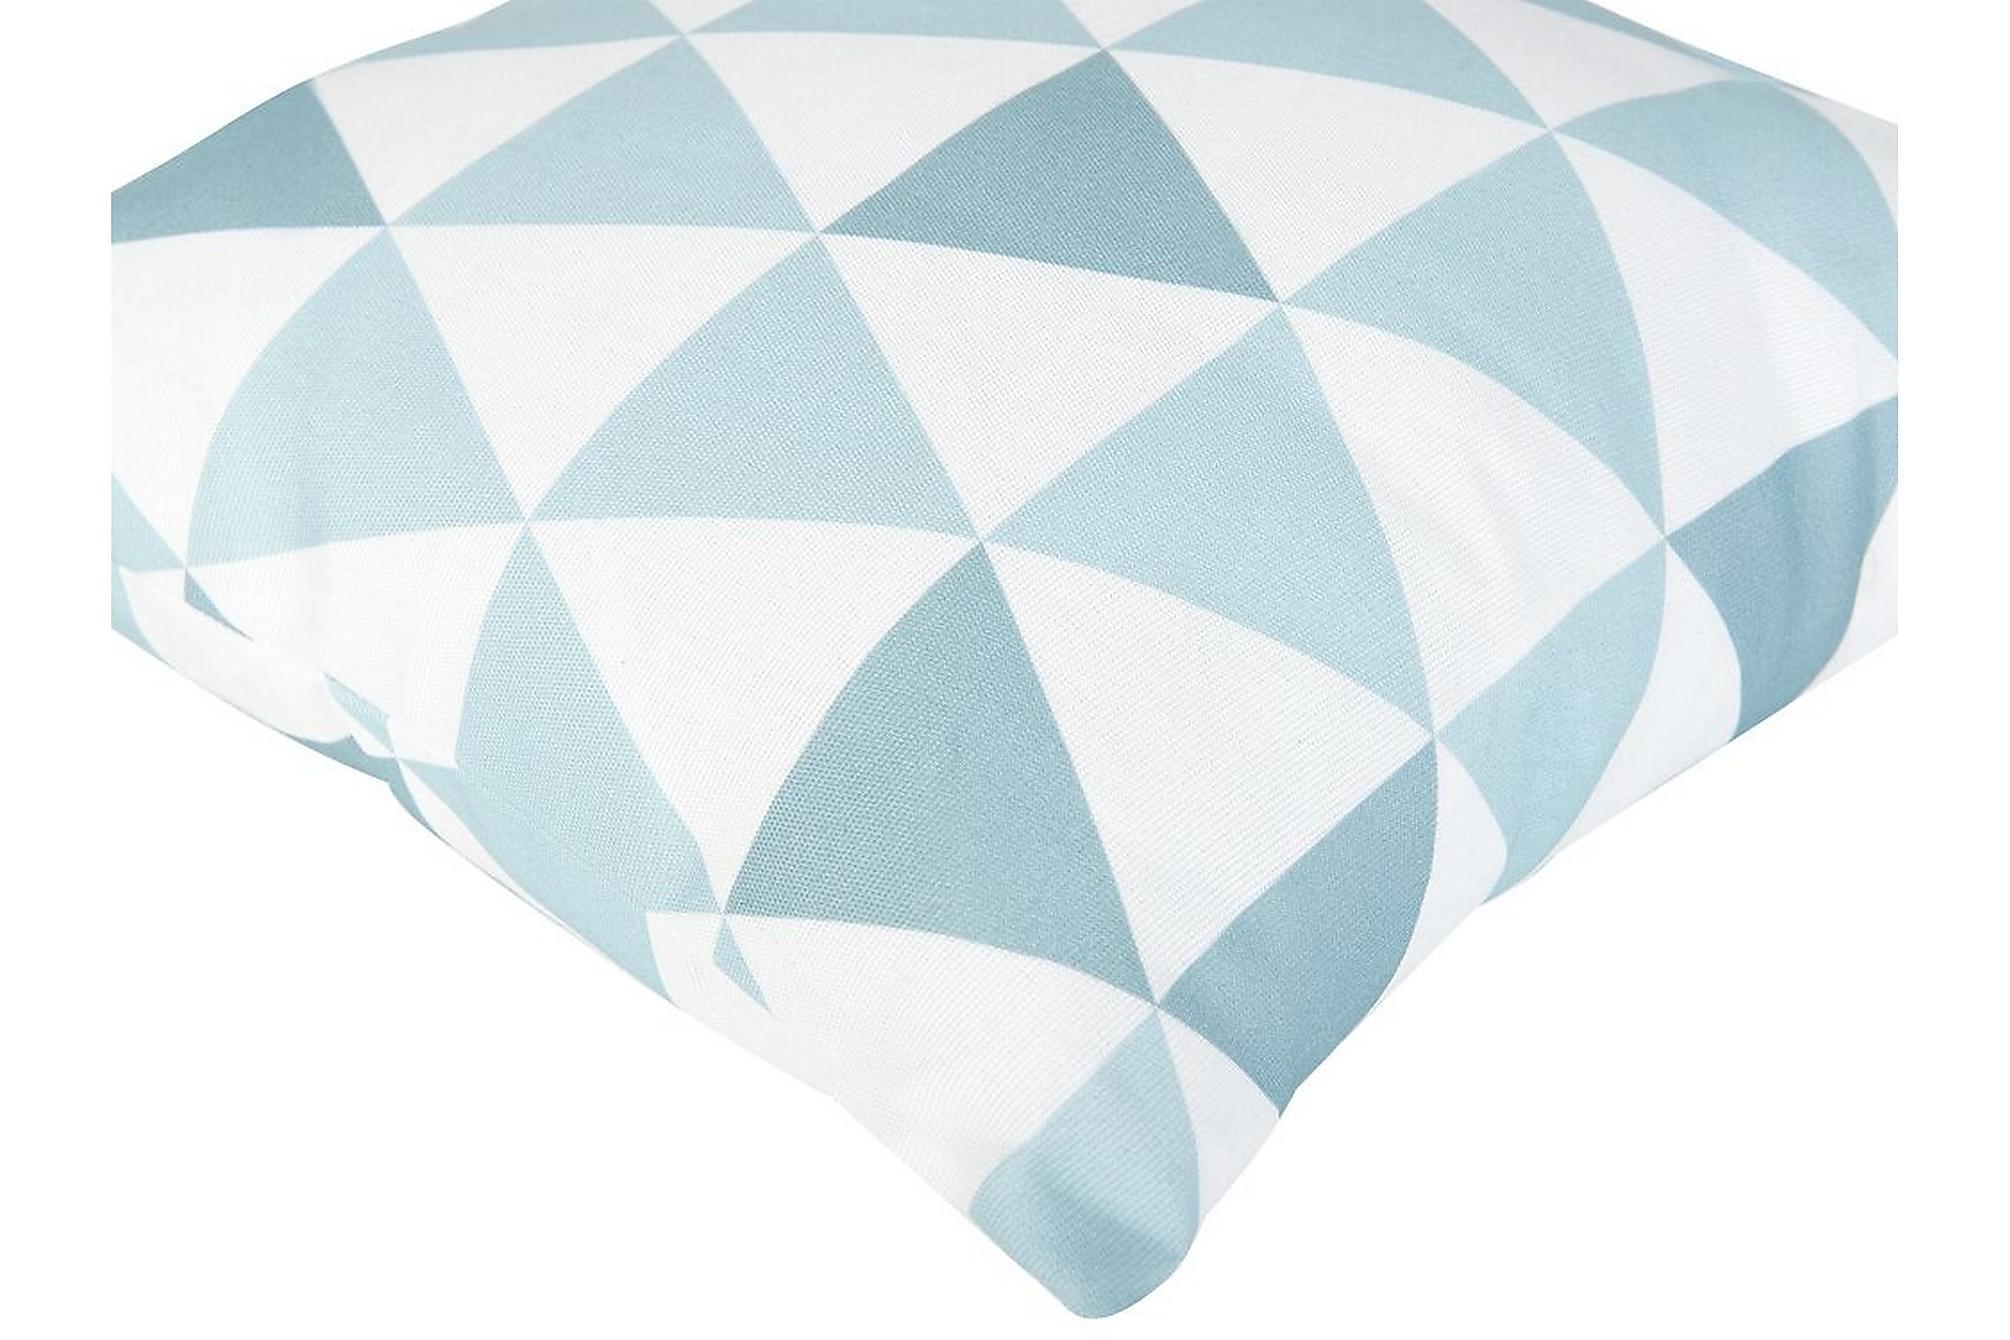 ACHINGILLS Trädgårdskudde Trianglar 40x40 cm Blå, Övriga dynor